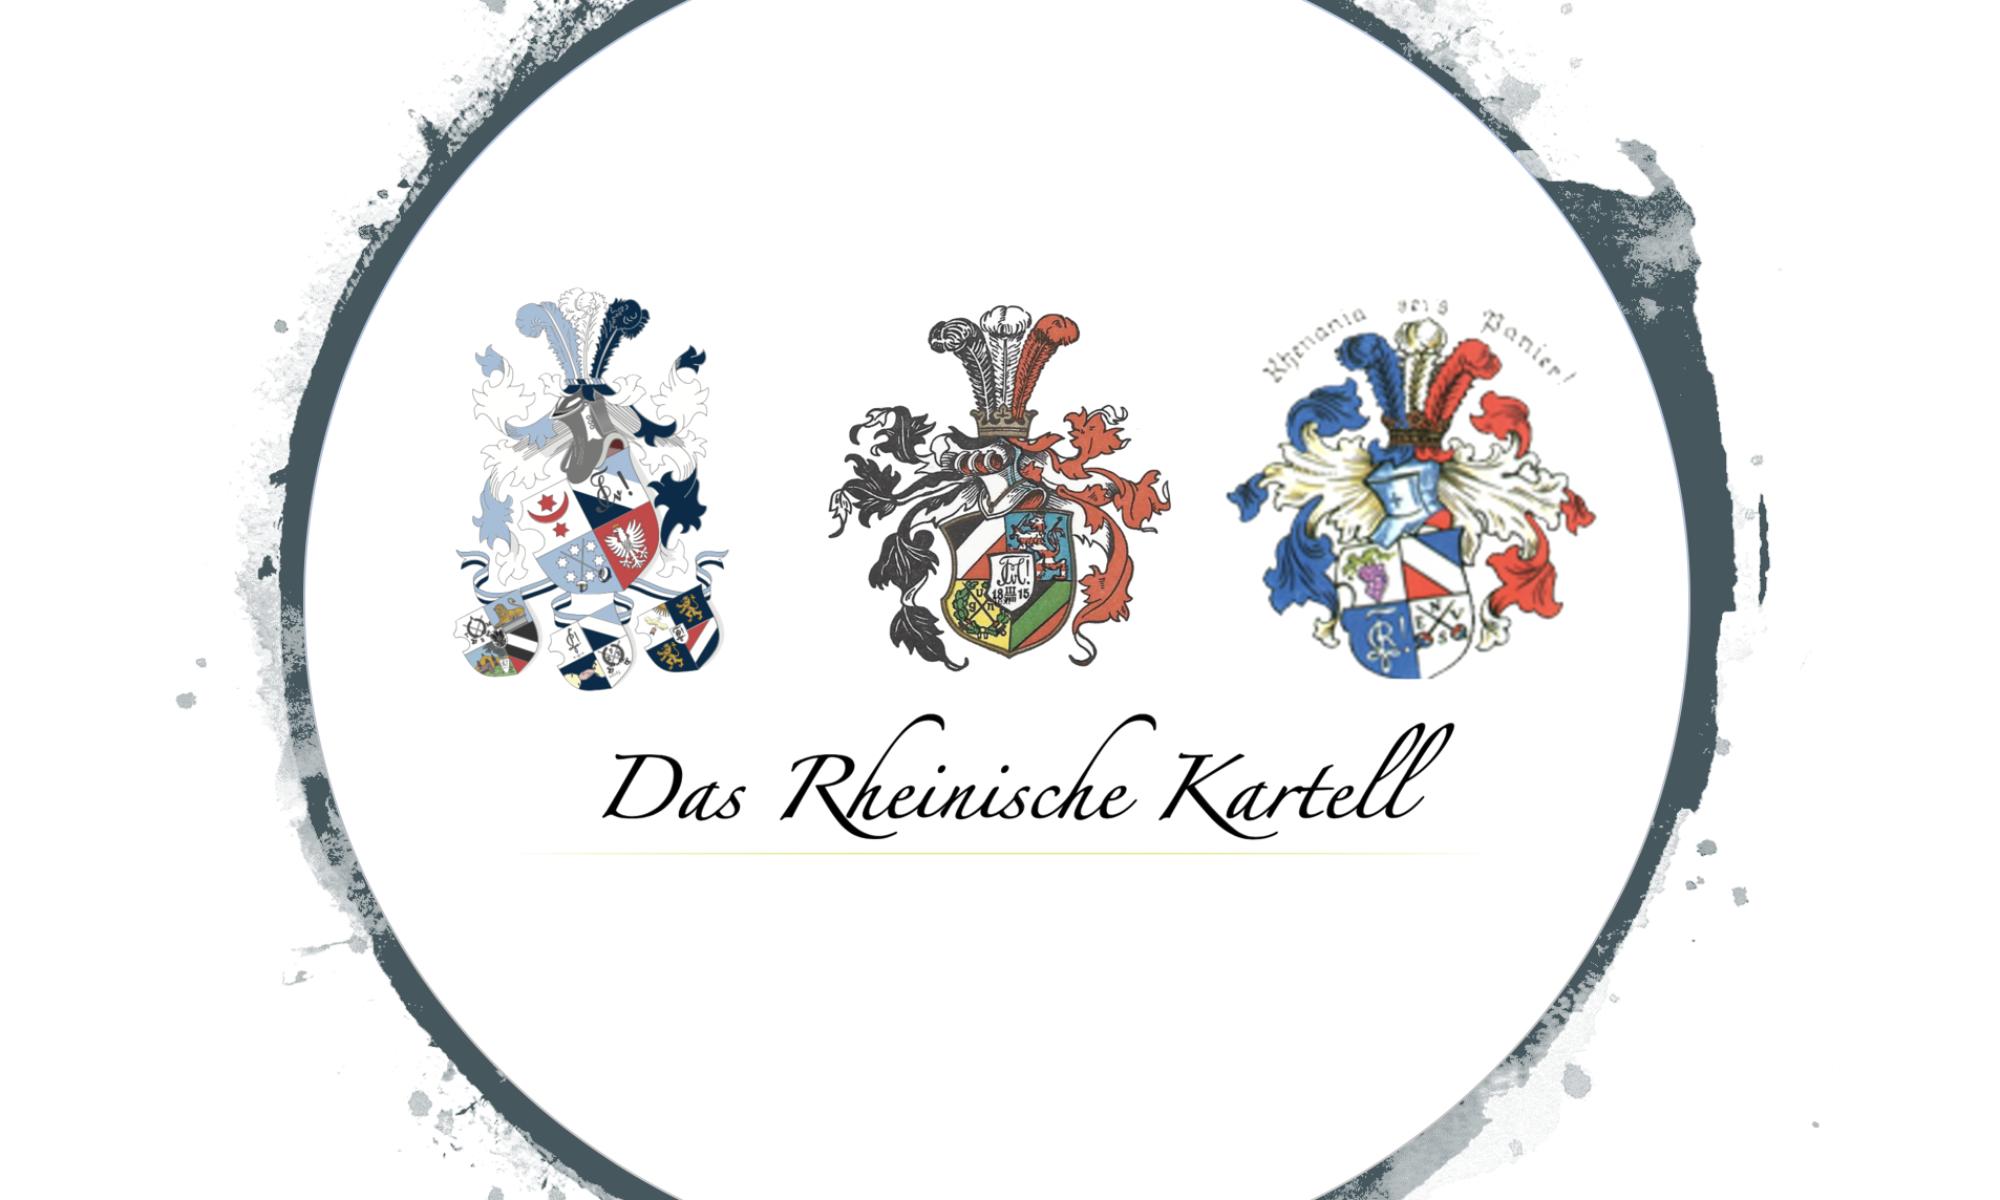 Das Rheinische Kartell